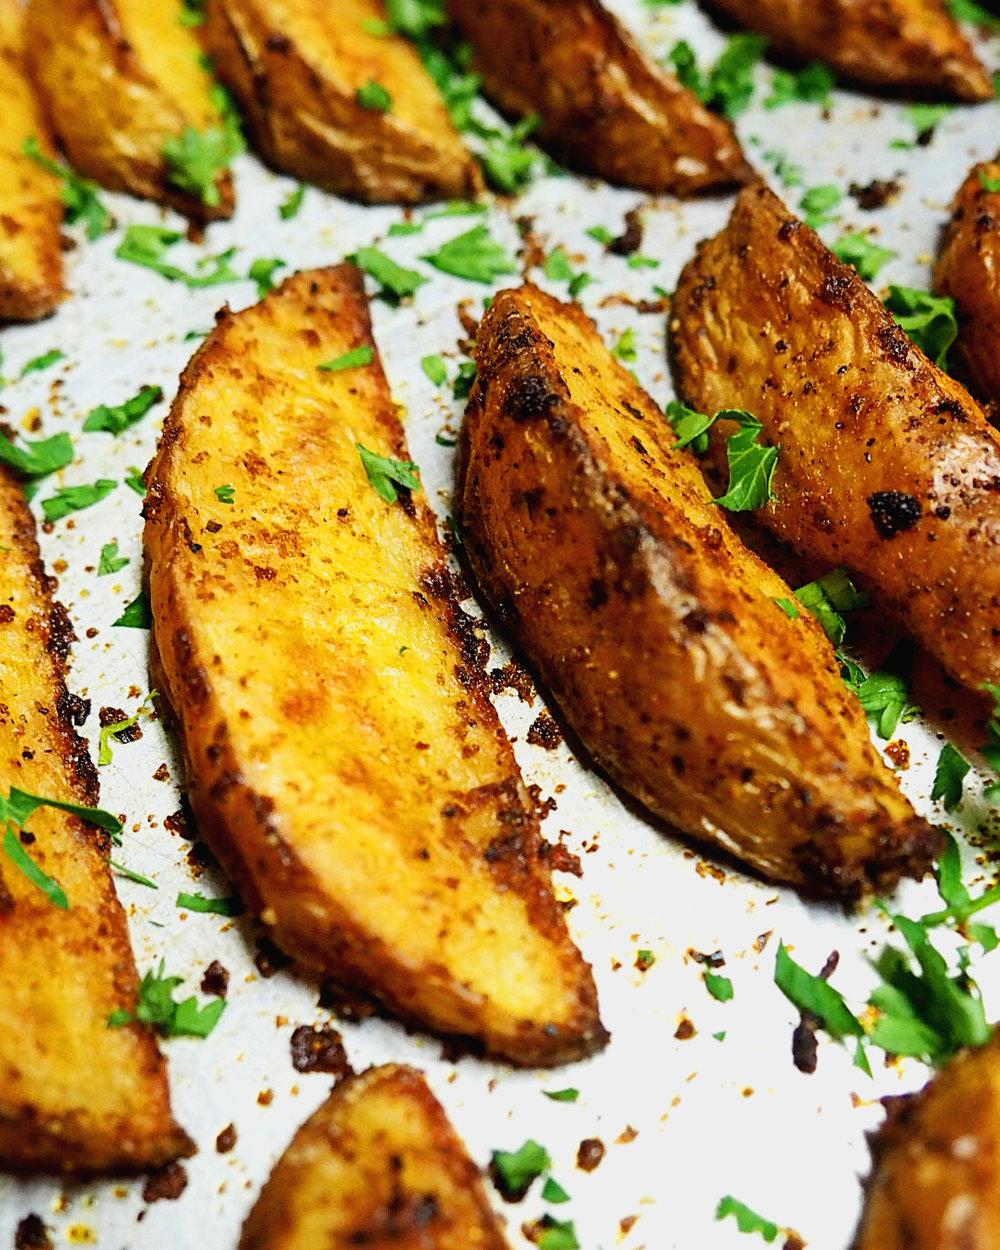 Crispy Oven Baked Potato Wedges O 2.jpg